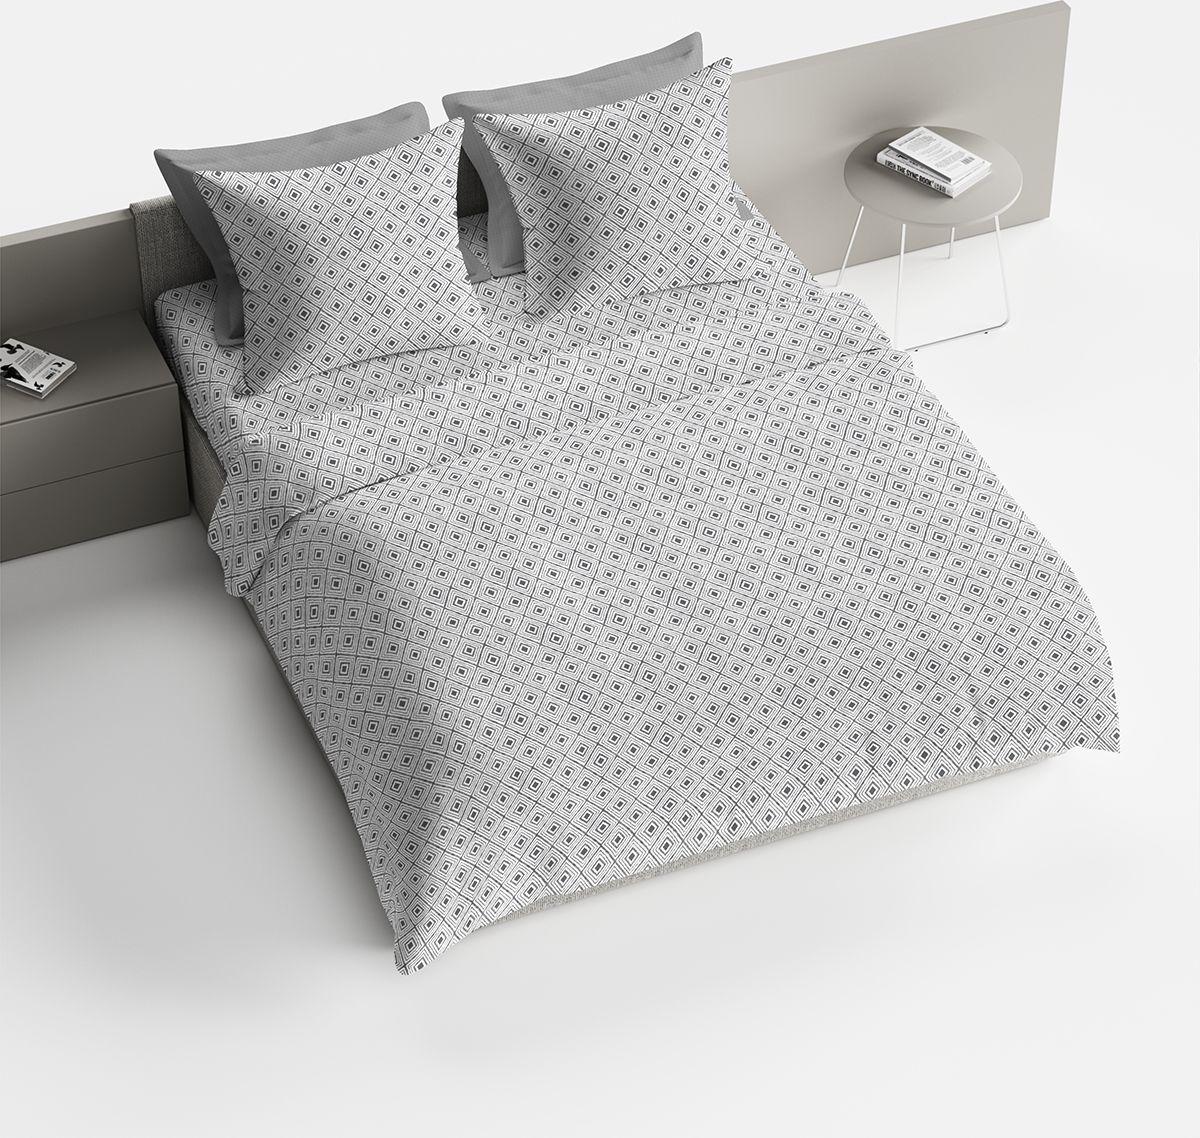 Комплект белья Браво Франко, евро, наволочки 70x70, цвет: серый. 4096-189766